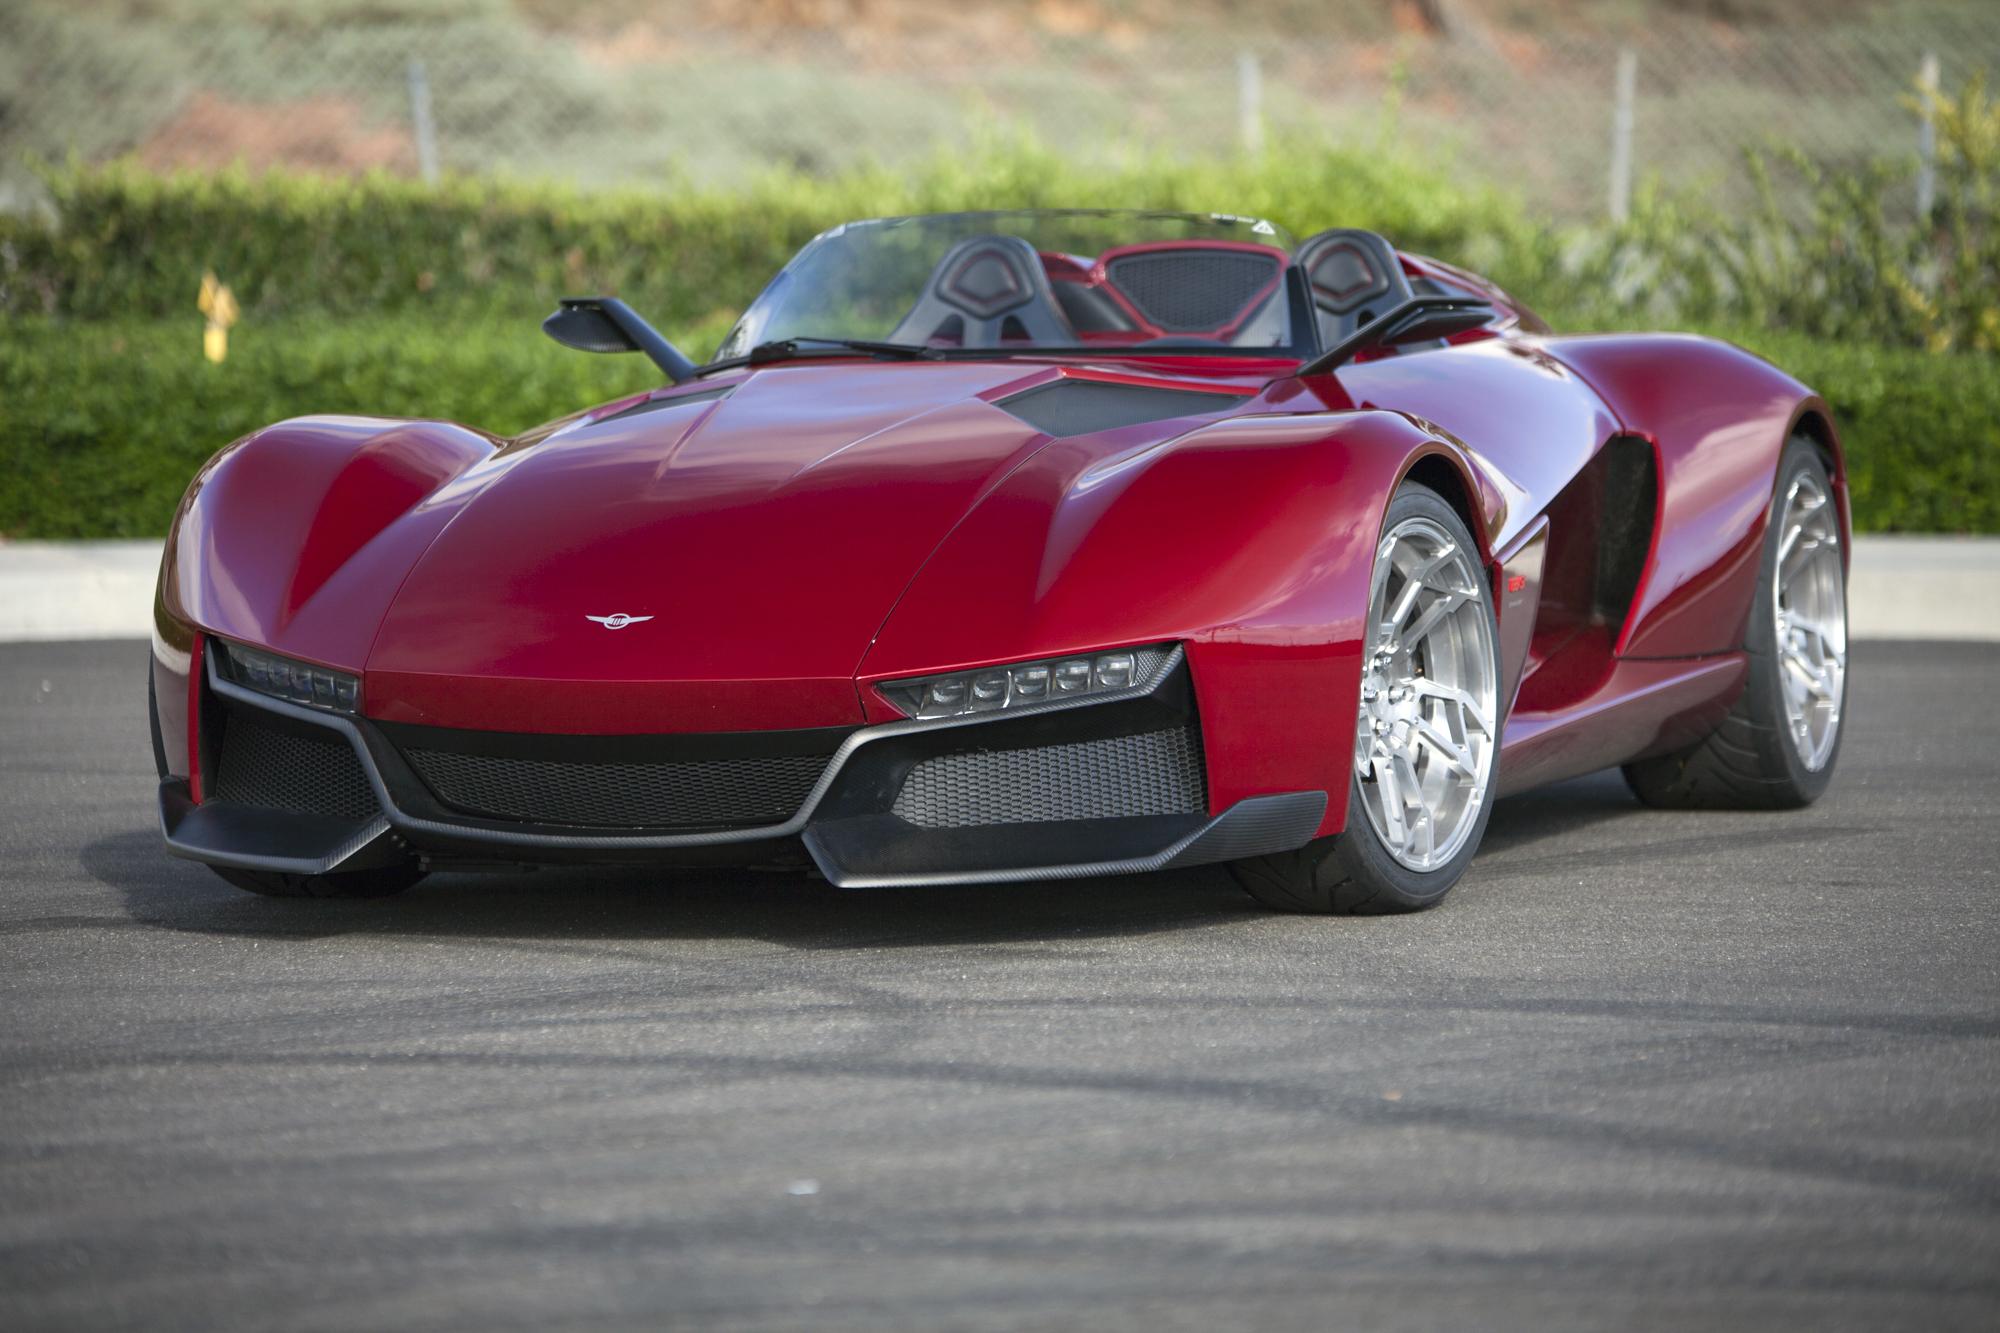 2016 Rezvani Beast Speedster First Drive Review